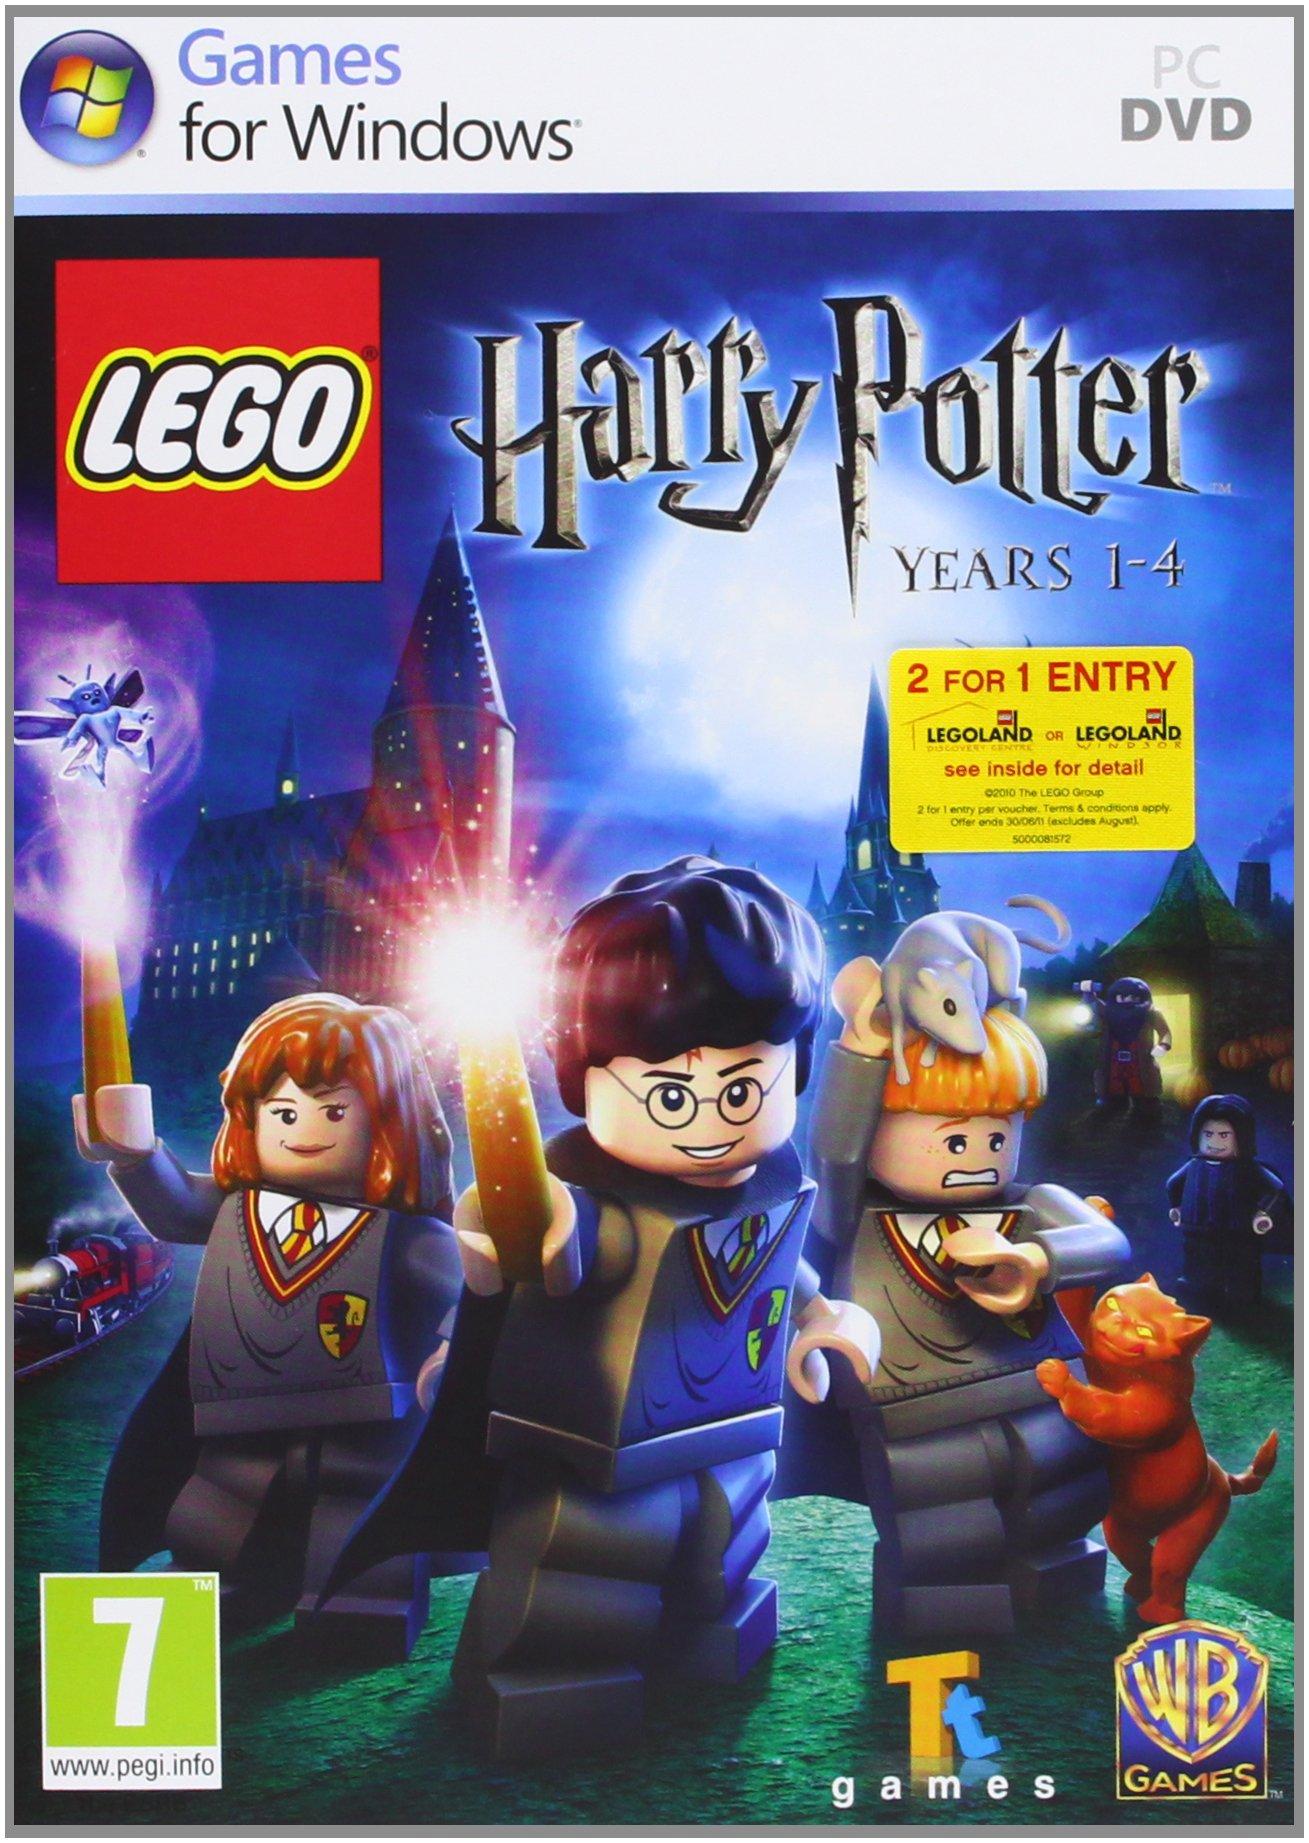 Lego Harry Potter: Years 1-4 (PC) (UK)